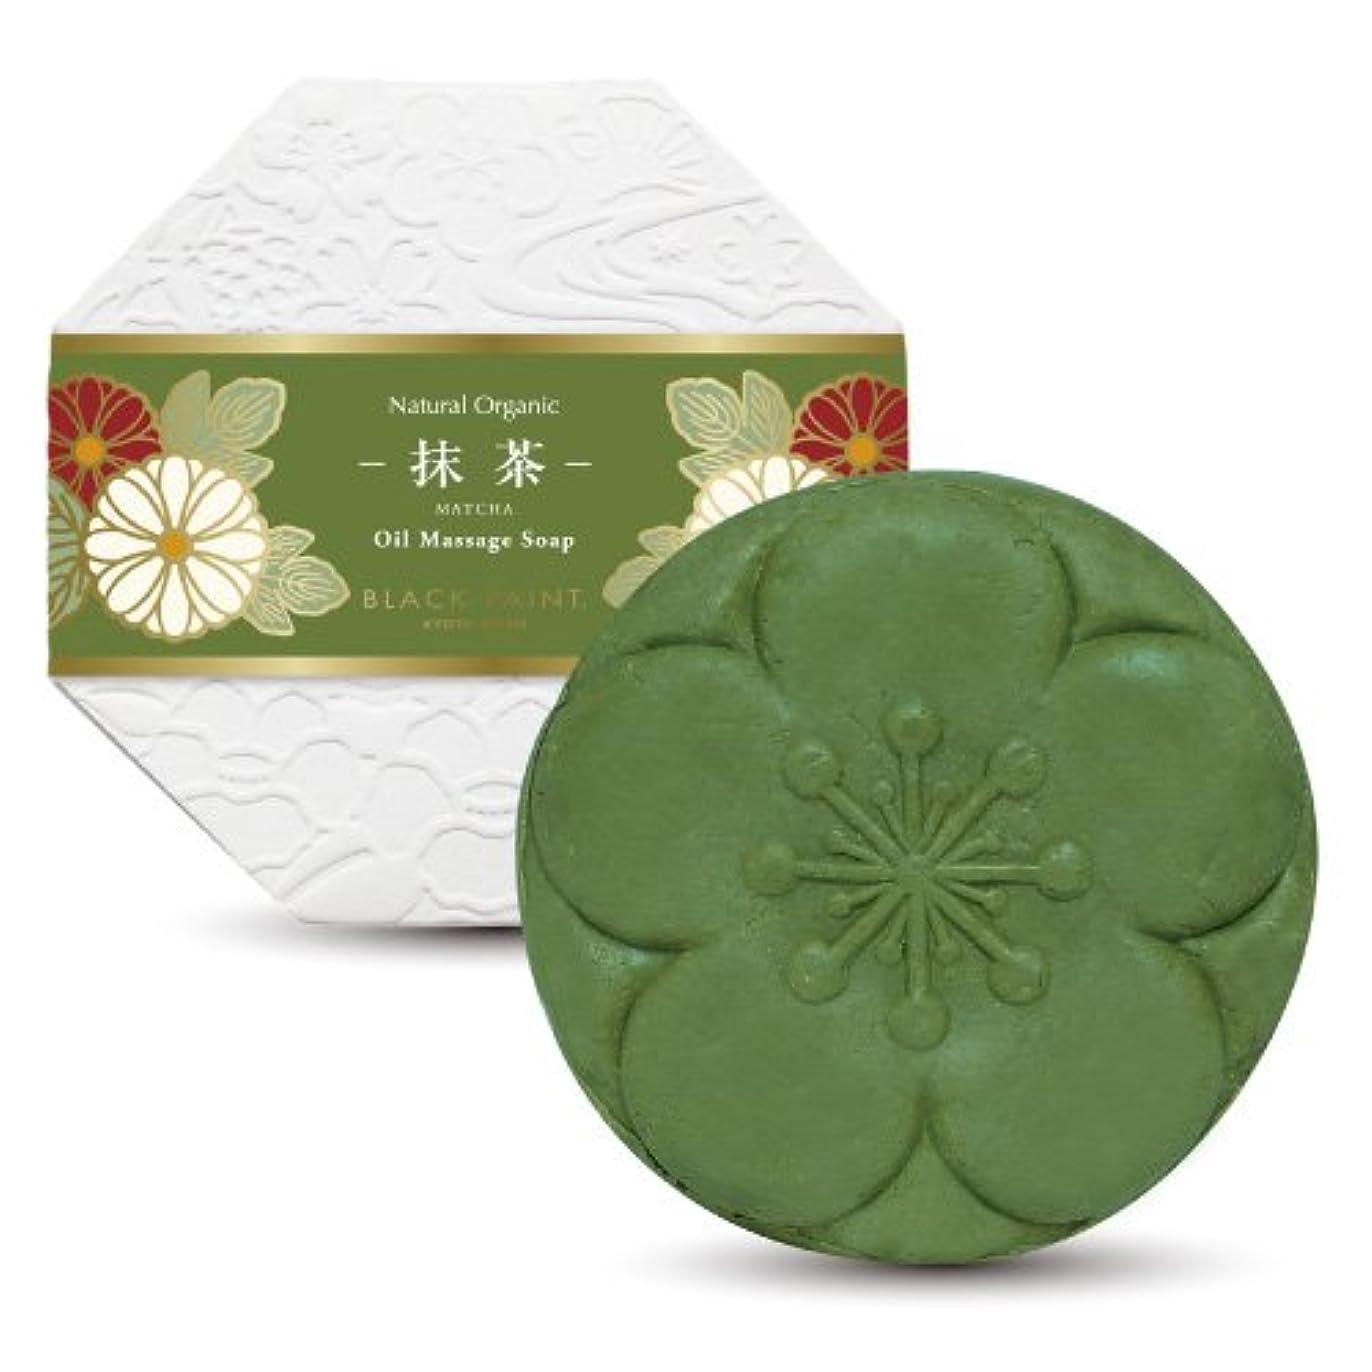 上に築きますその結果柔らかい京のお茶石鹸 抹茶 120g 塗る石鹸